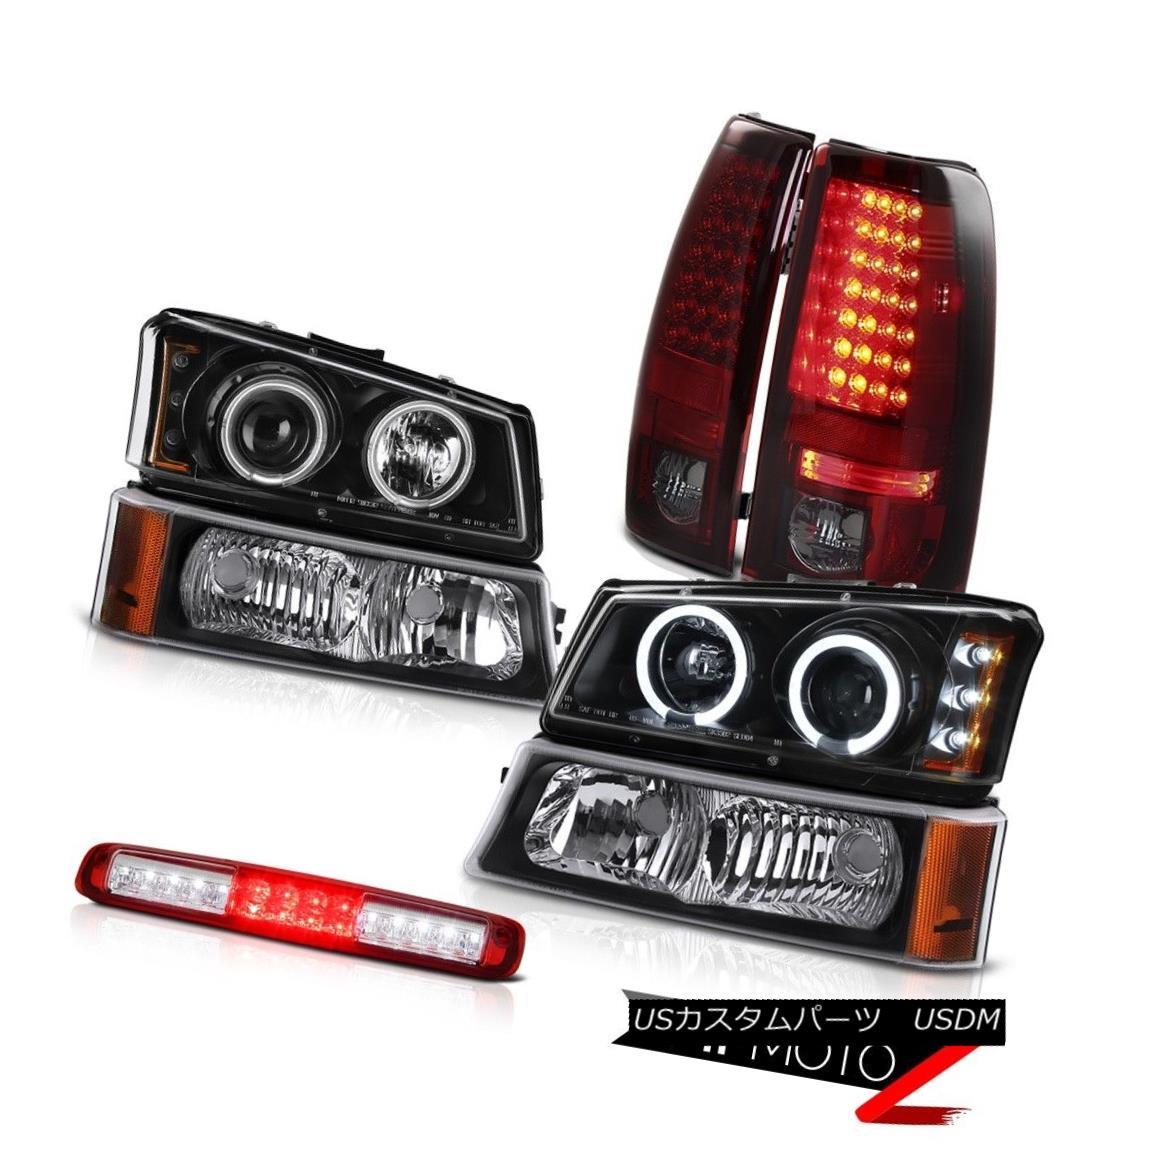 テールライト 2003-2006 Silverado Bumper Light 3RD Brake Headlights Burgundy Red Taillights 2003-2006シルバラードバンパーライト3RDブレーキヘッドライトブルゴーニュレッドティール